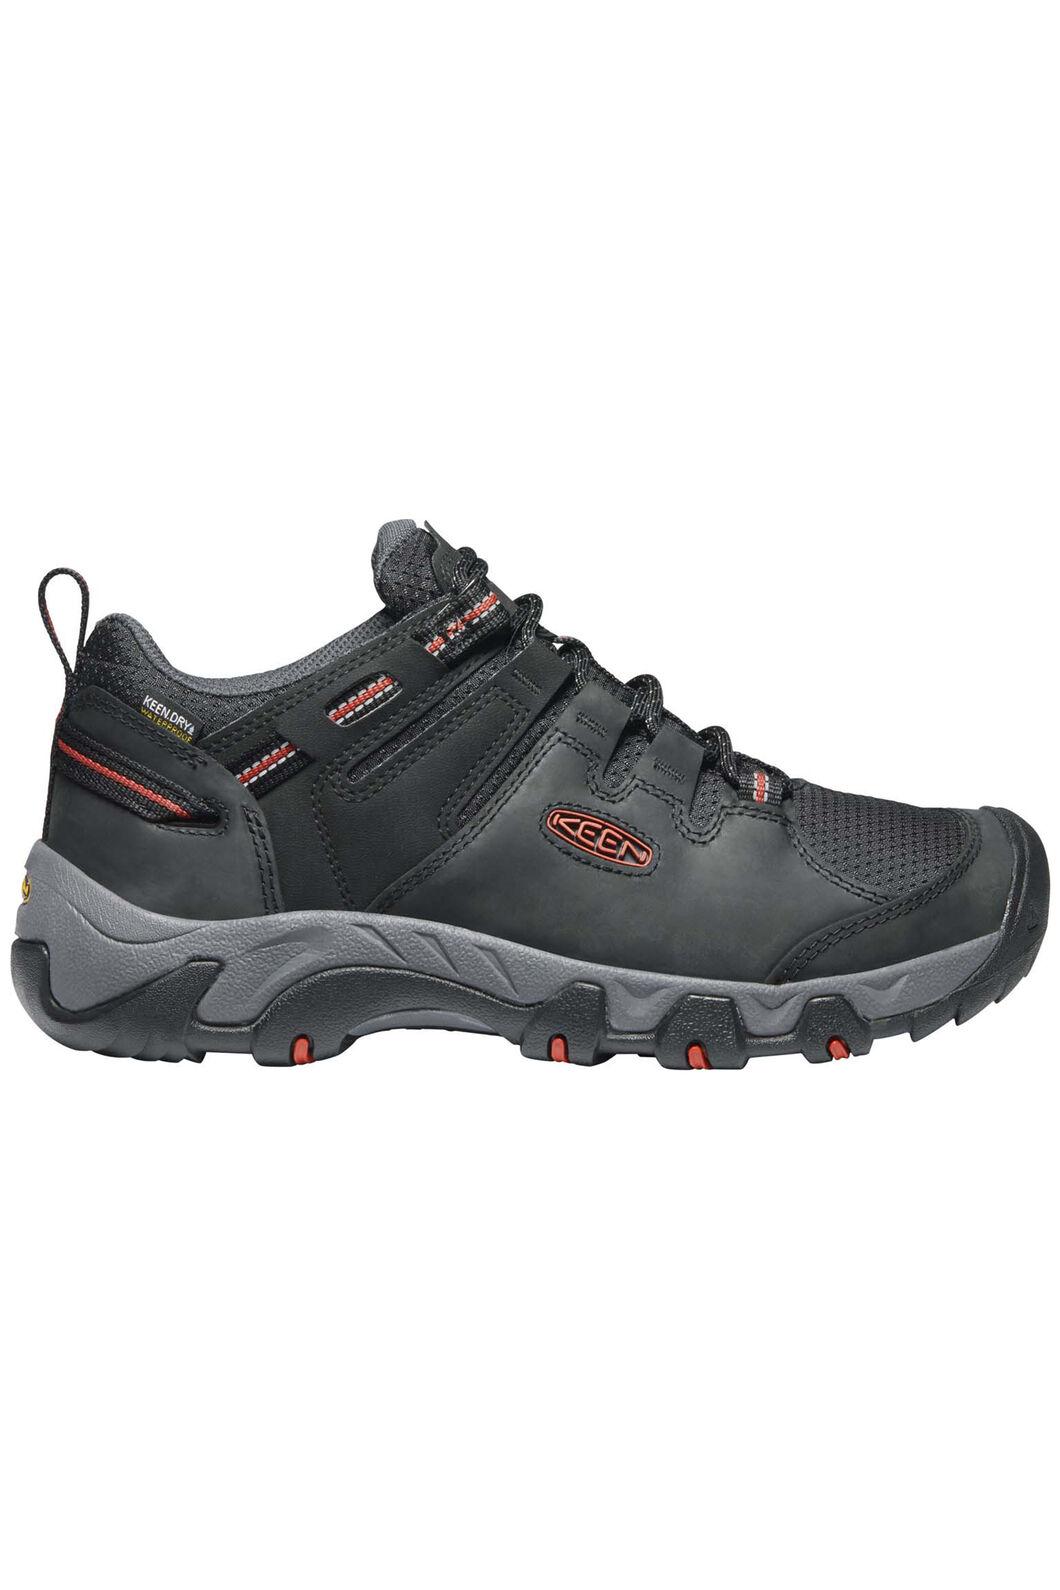 KEEN Men's Steens WP Low Hiking Shoes, Black/Bossa Nova, hi-res